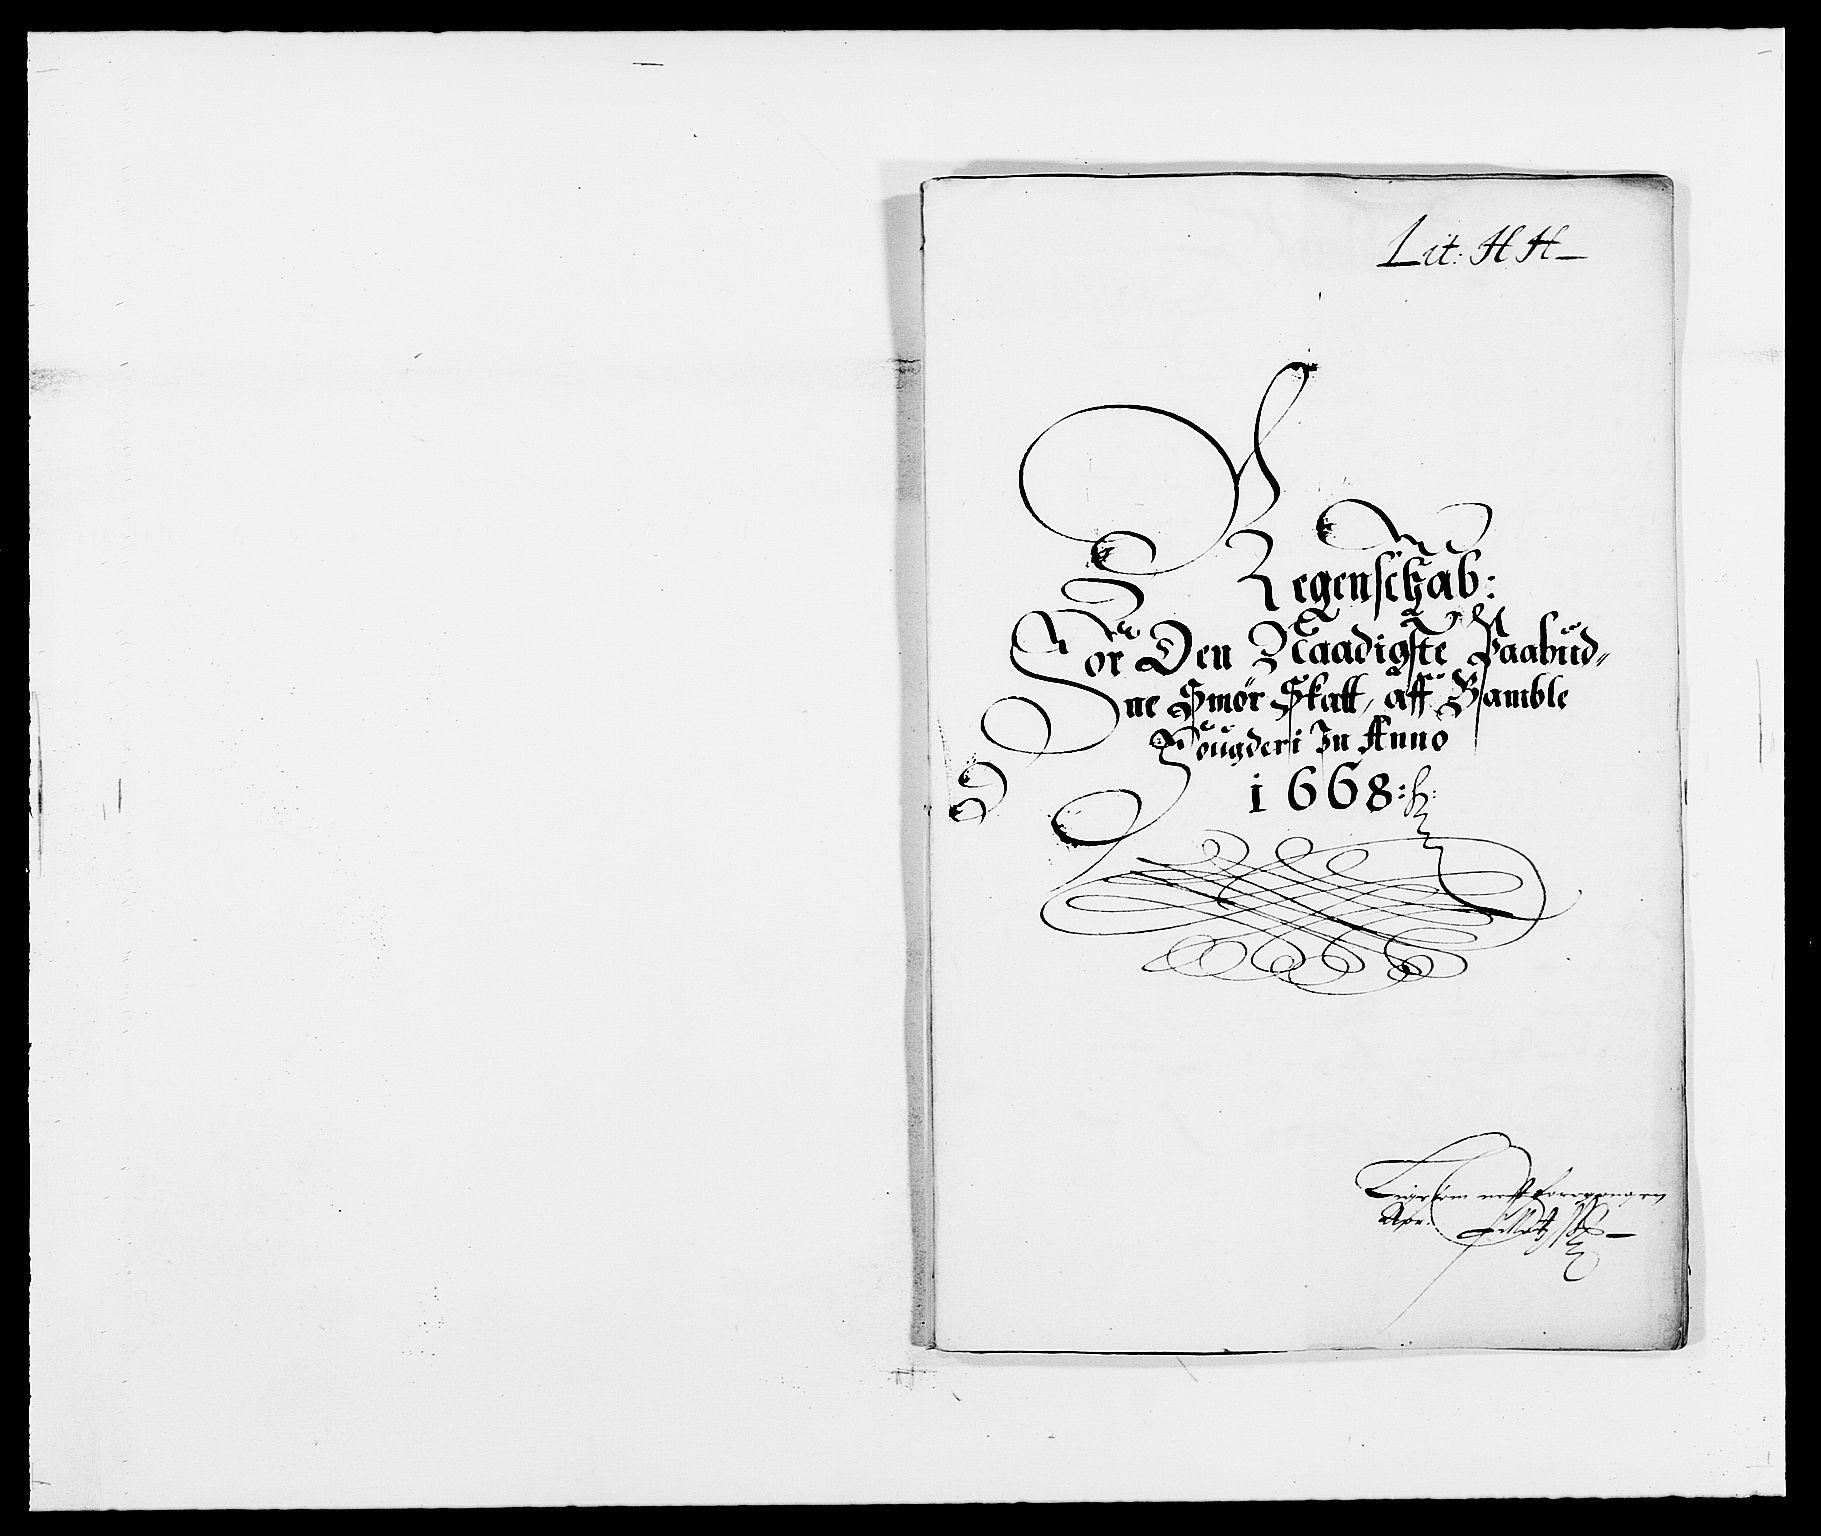 RA, Rentekammeret inntil 1814, Reviderte regnskaper, Fogderegnskap, R34/L2040: Fogderegnskap Bamble, 1662-1669, s. 51